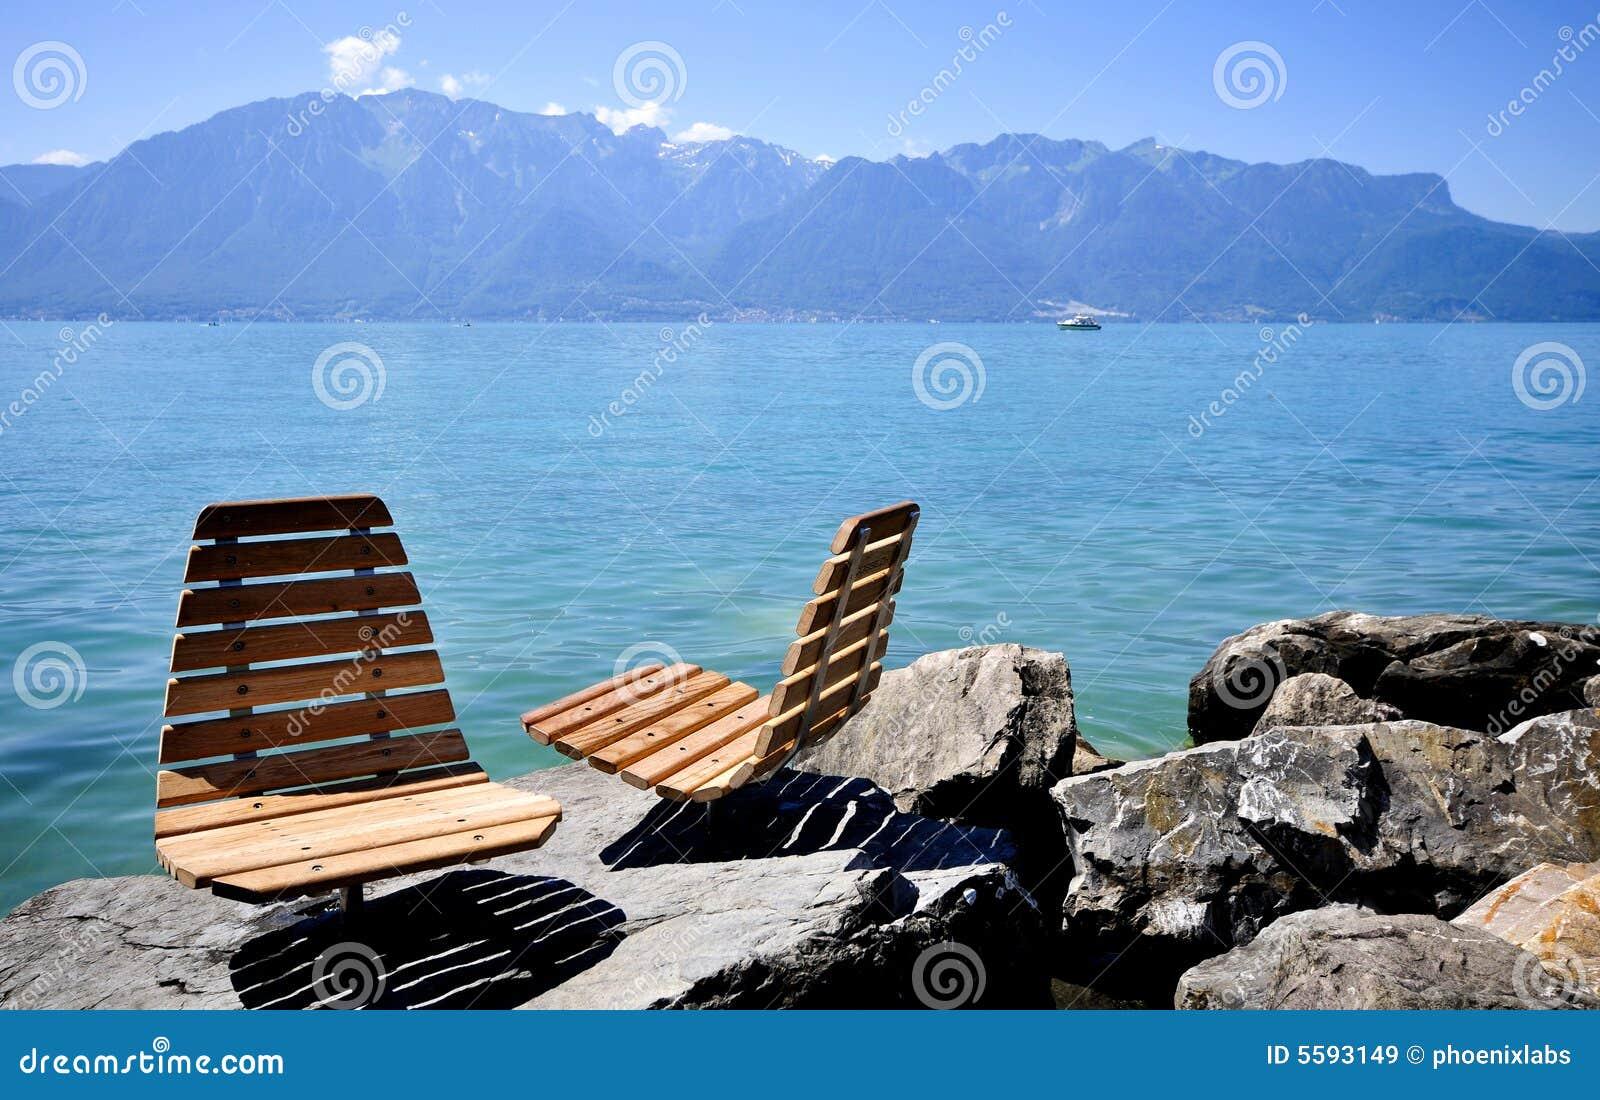 Wzdłuż krzeseł lake